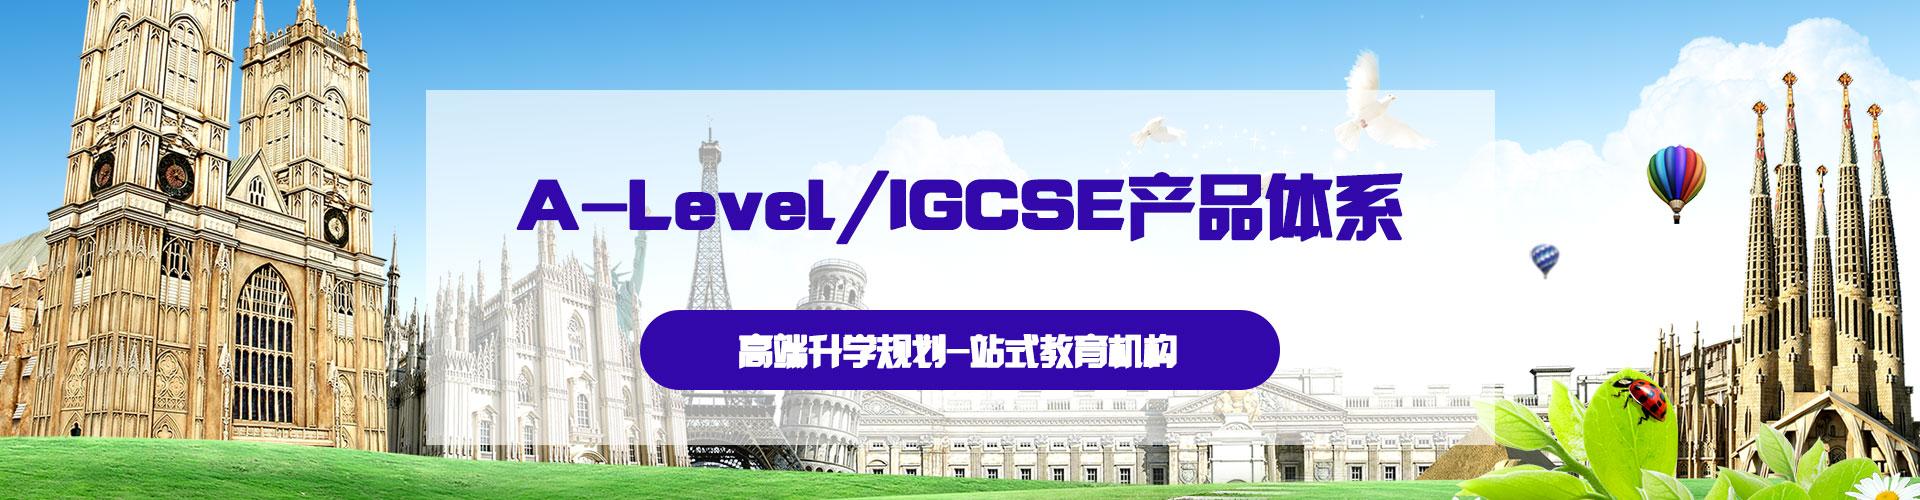 A-Level/IGCSE